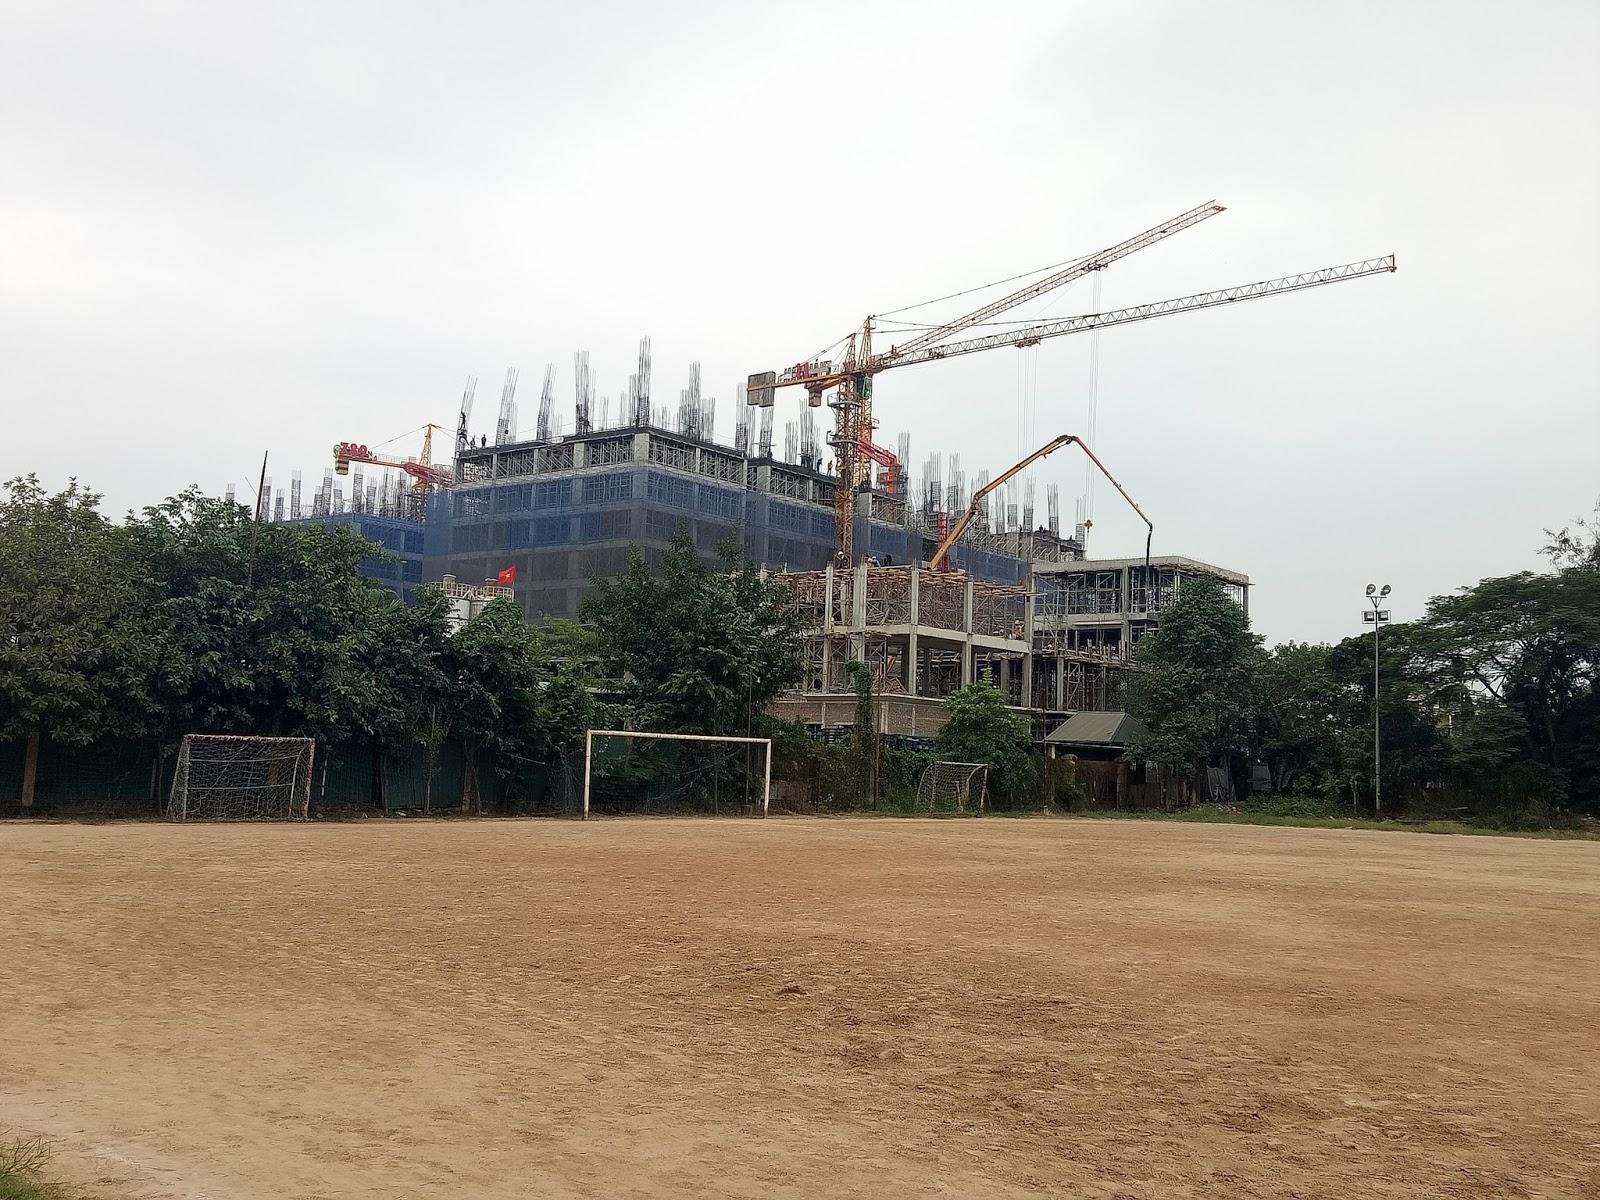 Tiến độ xây dựng Chung cư 789 Xuân Đỉnh | Ngày 30/11/2016